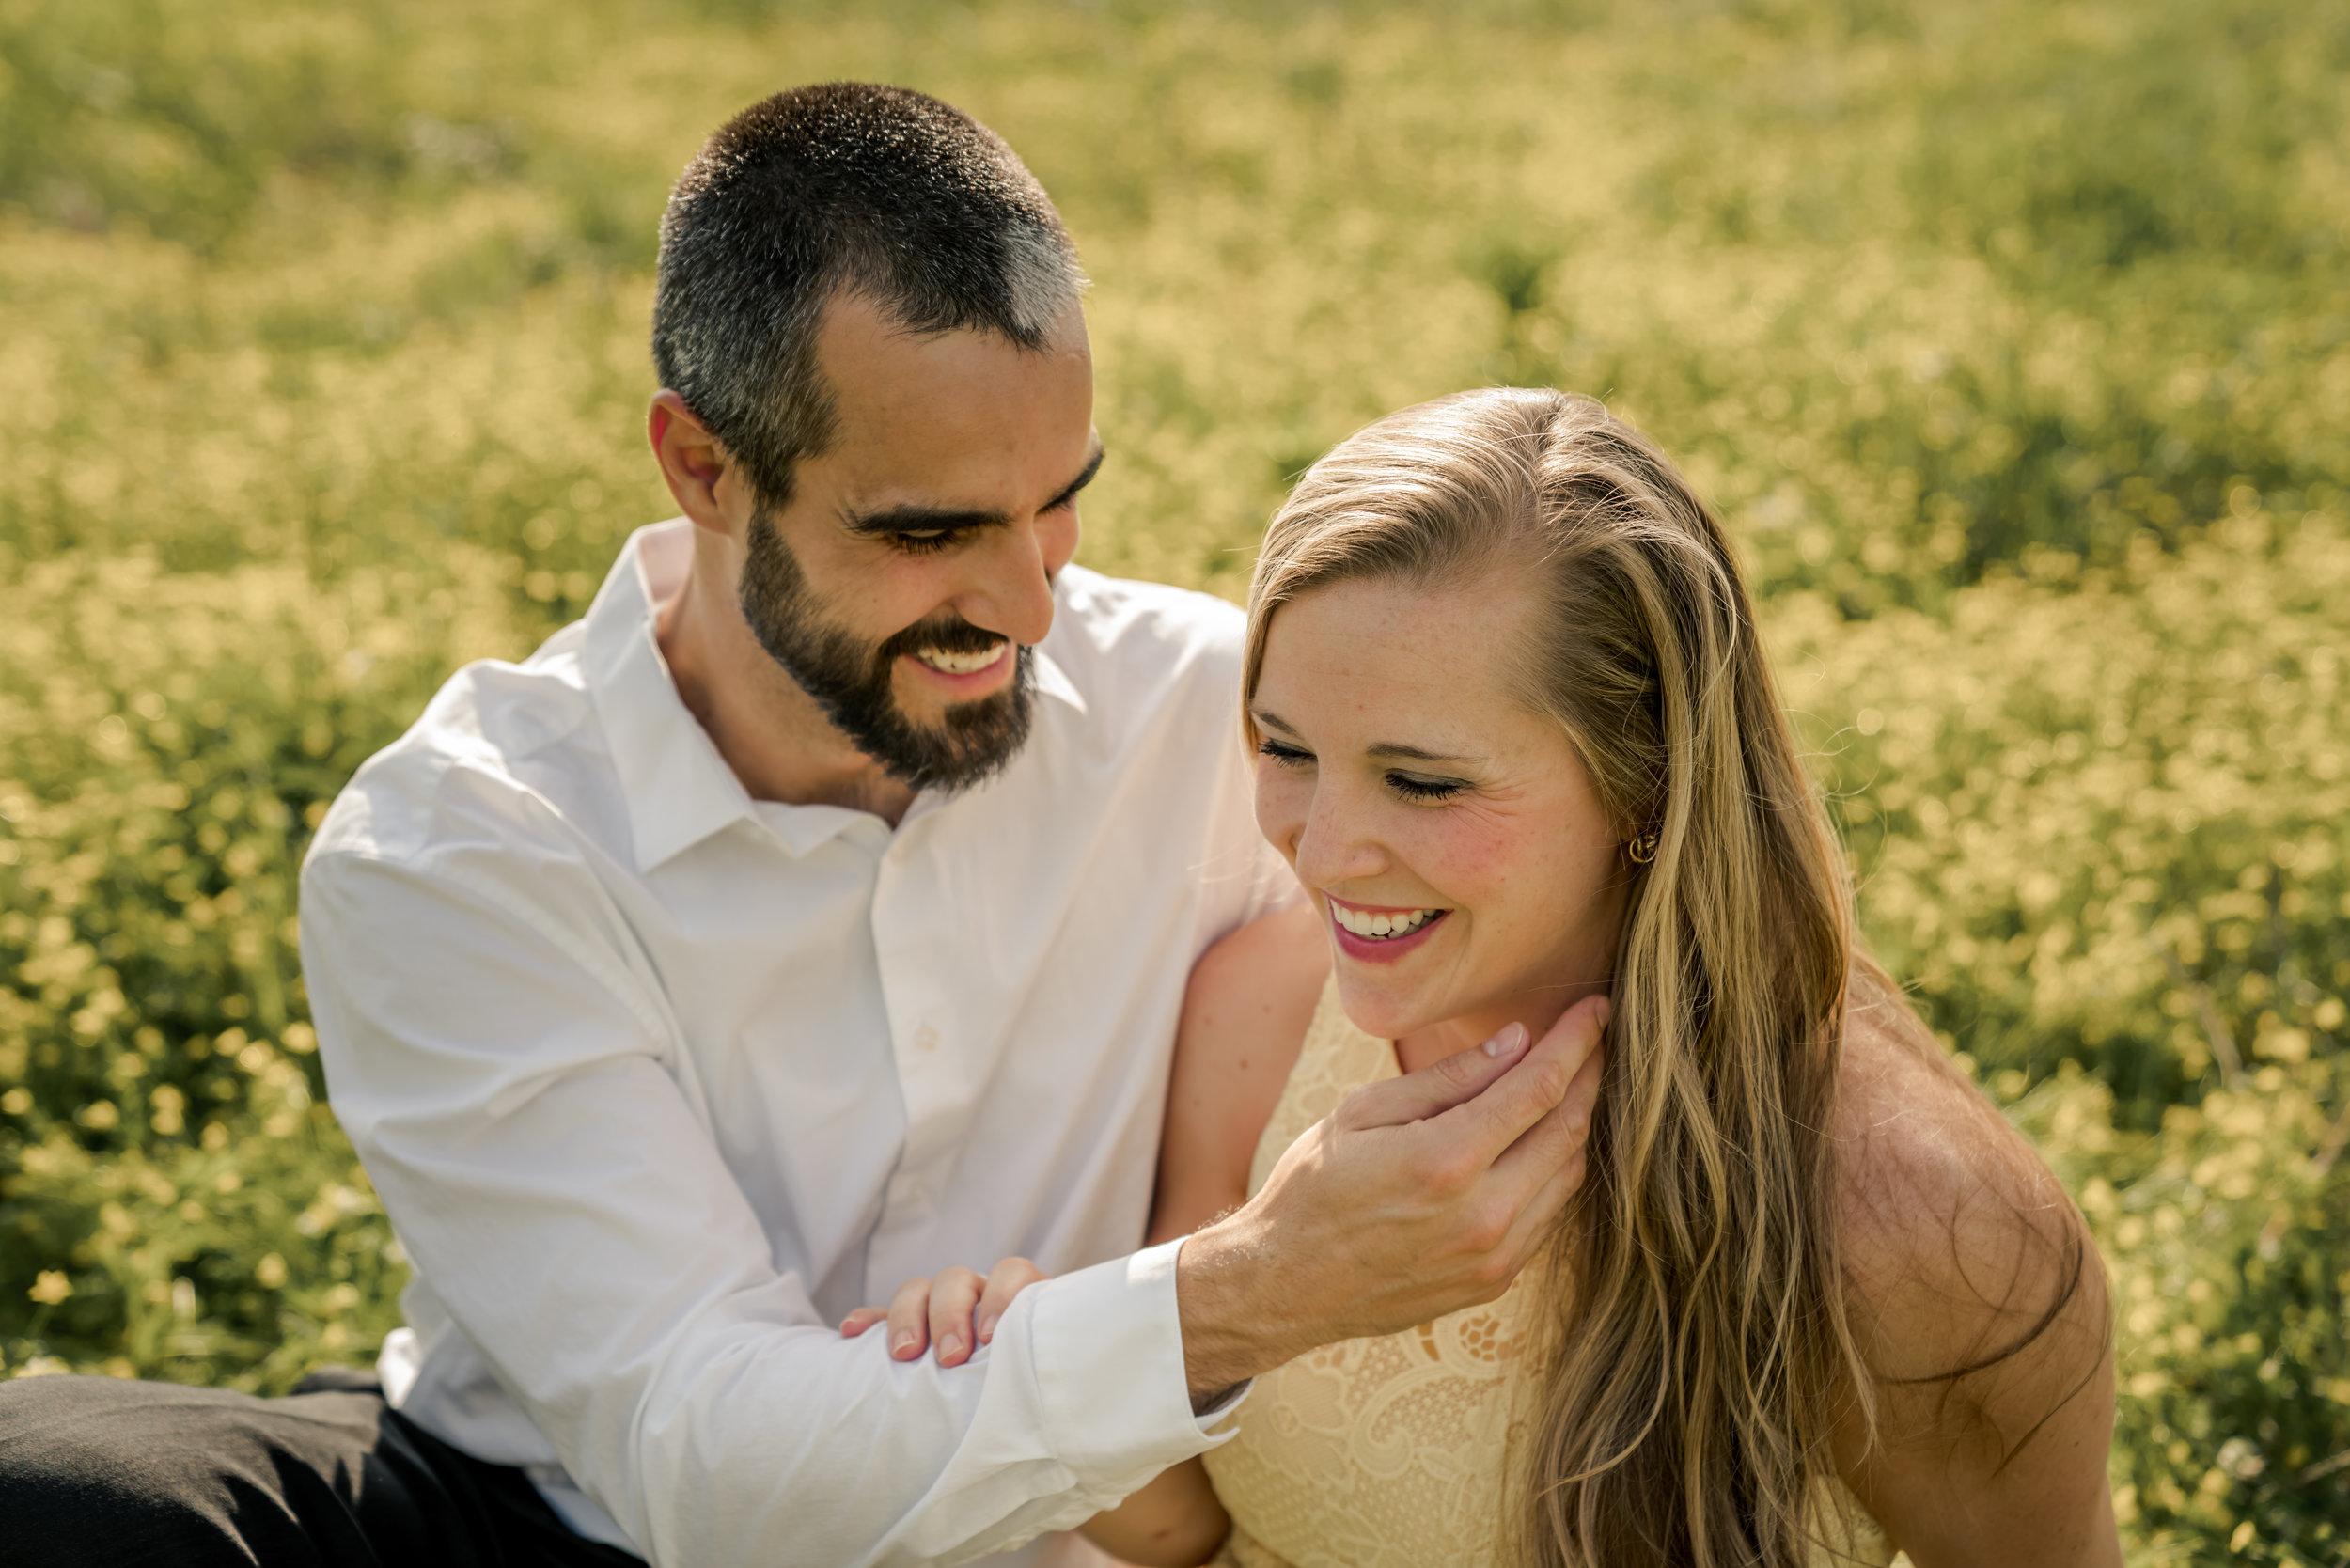 couple lifestyle photo field photo louisville photographer